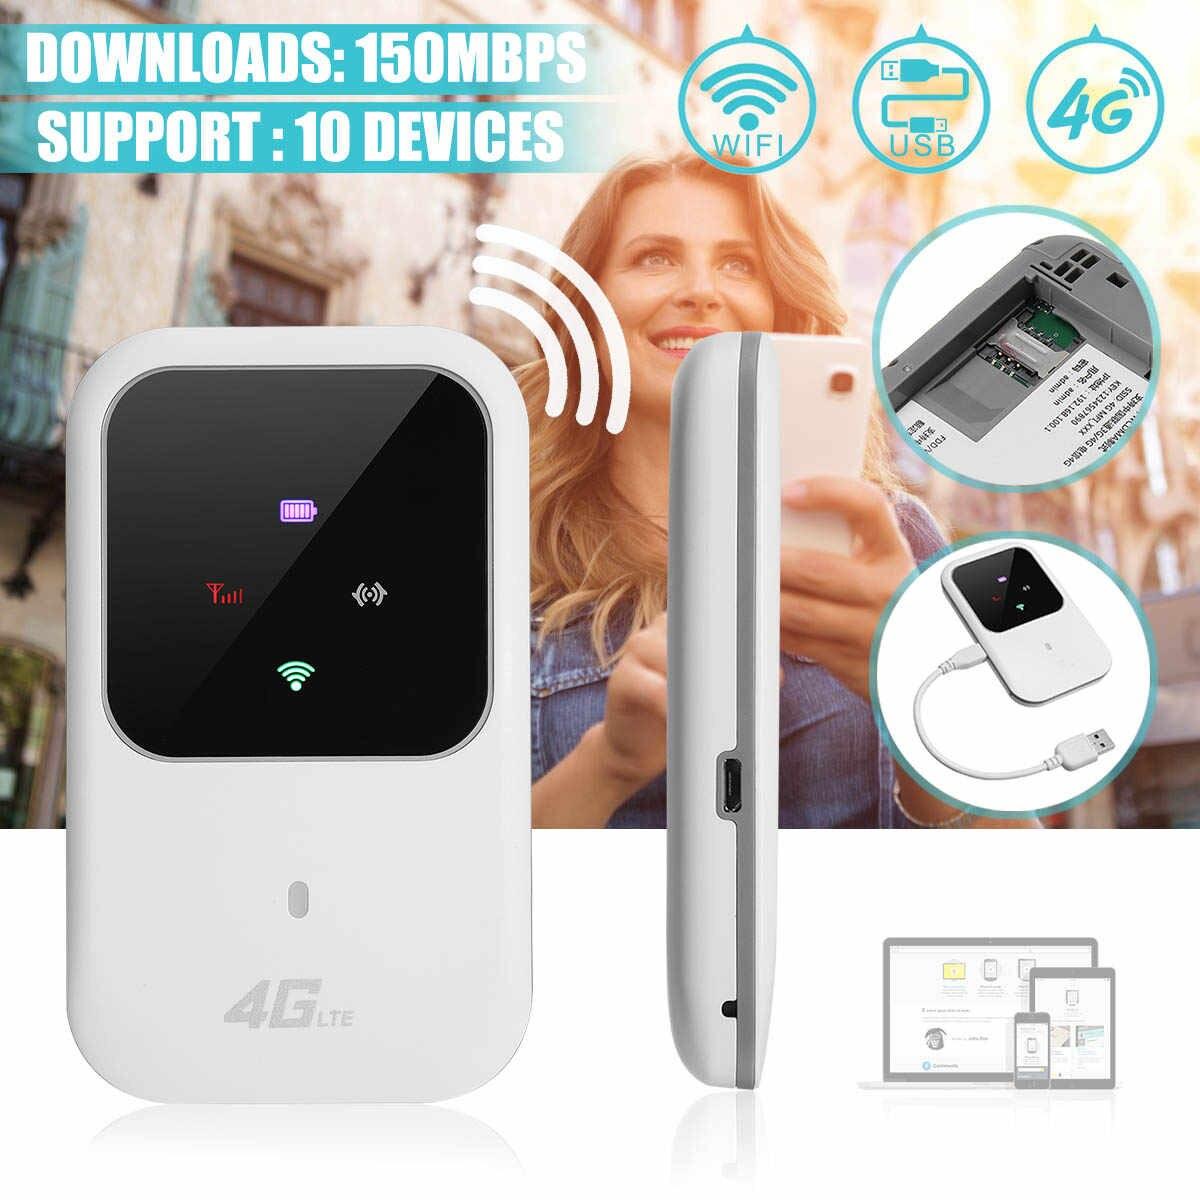 phat-wifi-tu-sim-3g-4g-a800